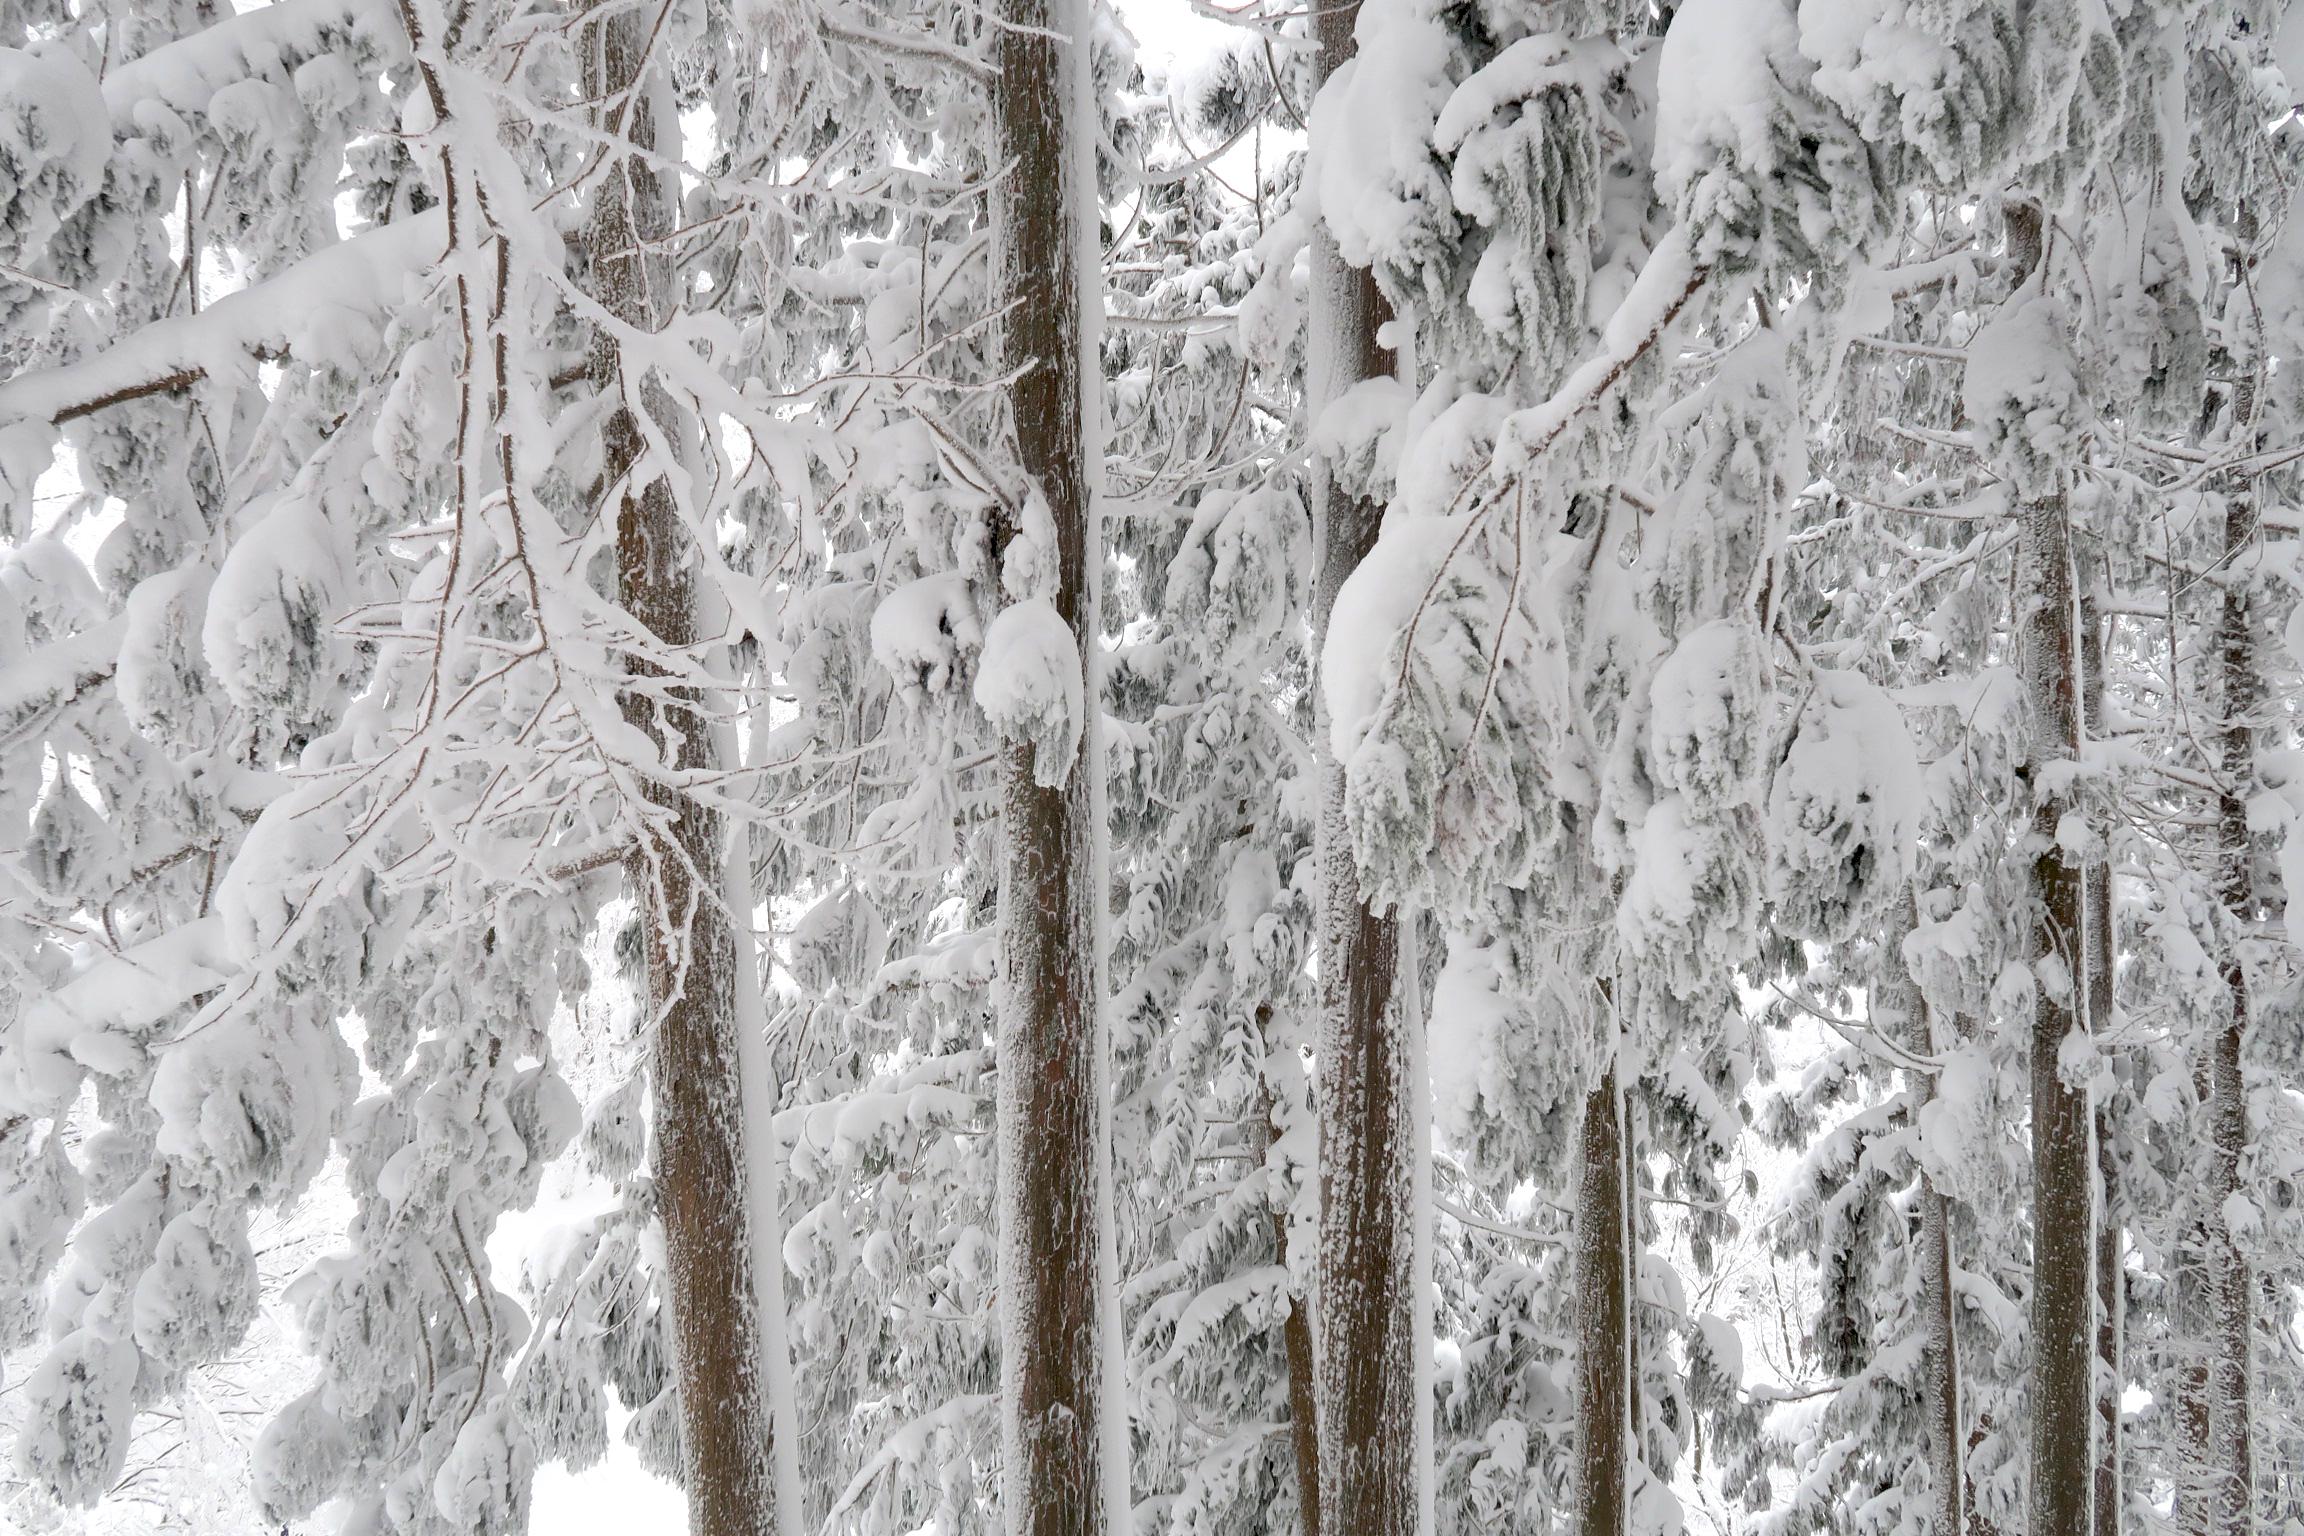 とにかくすごい雪の量でした!